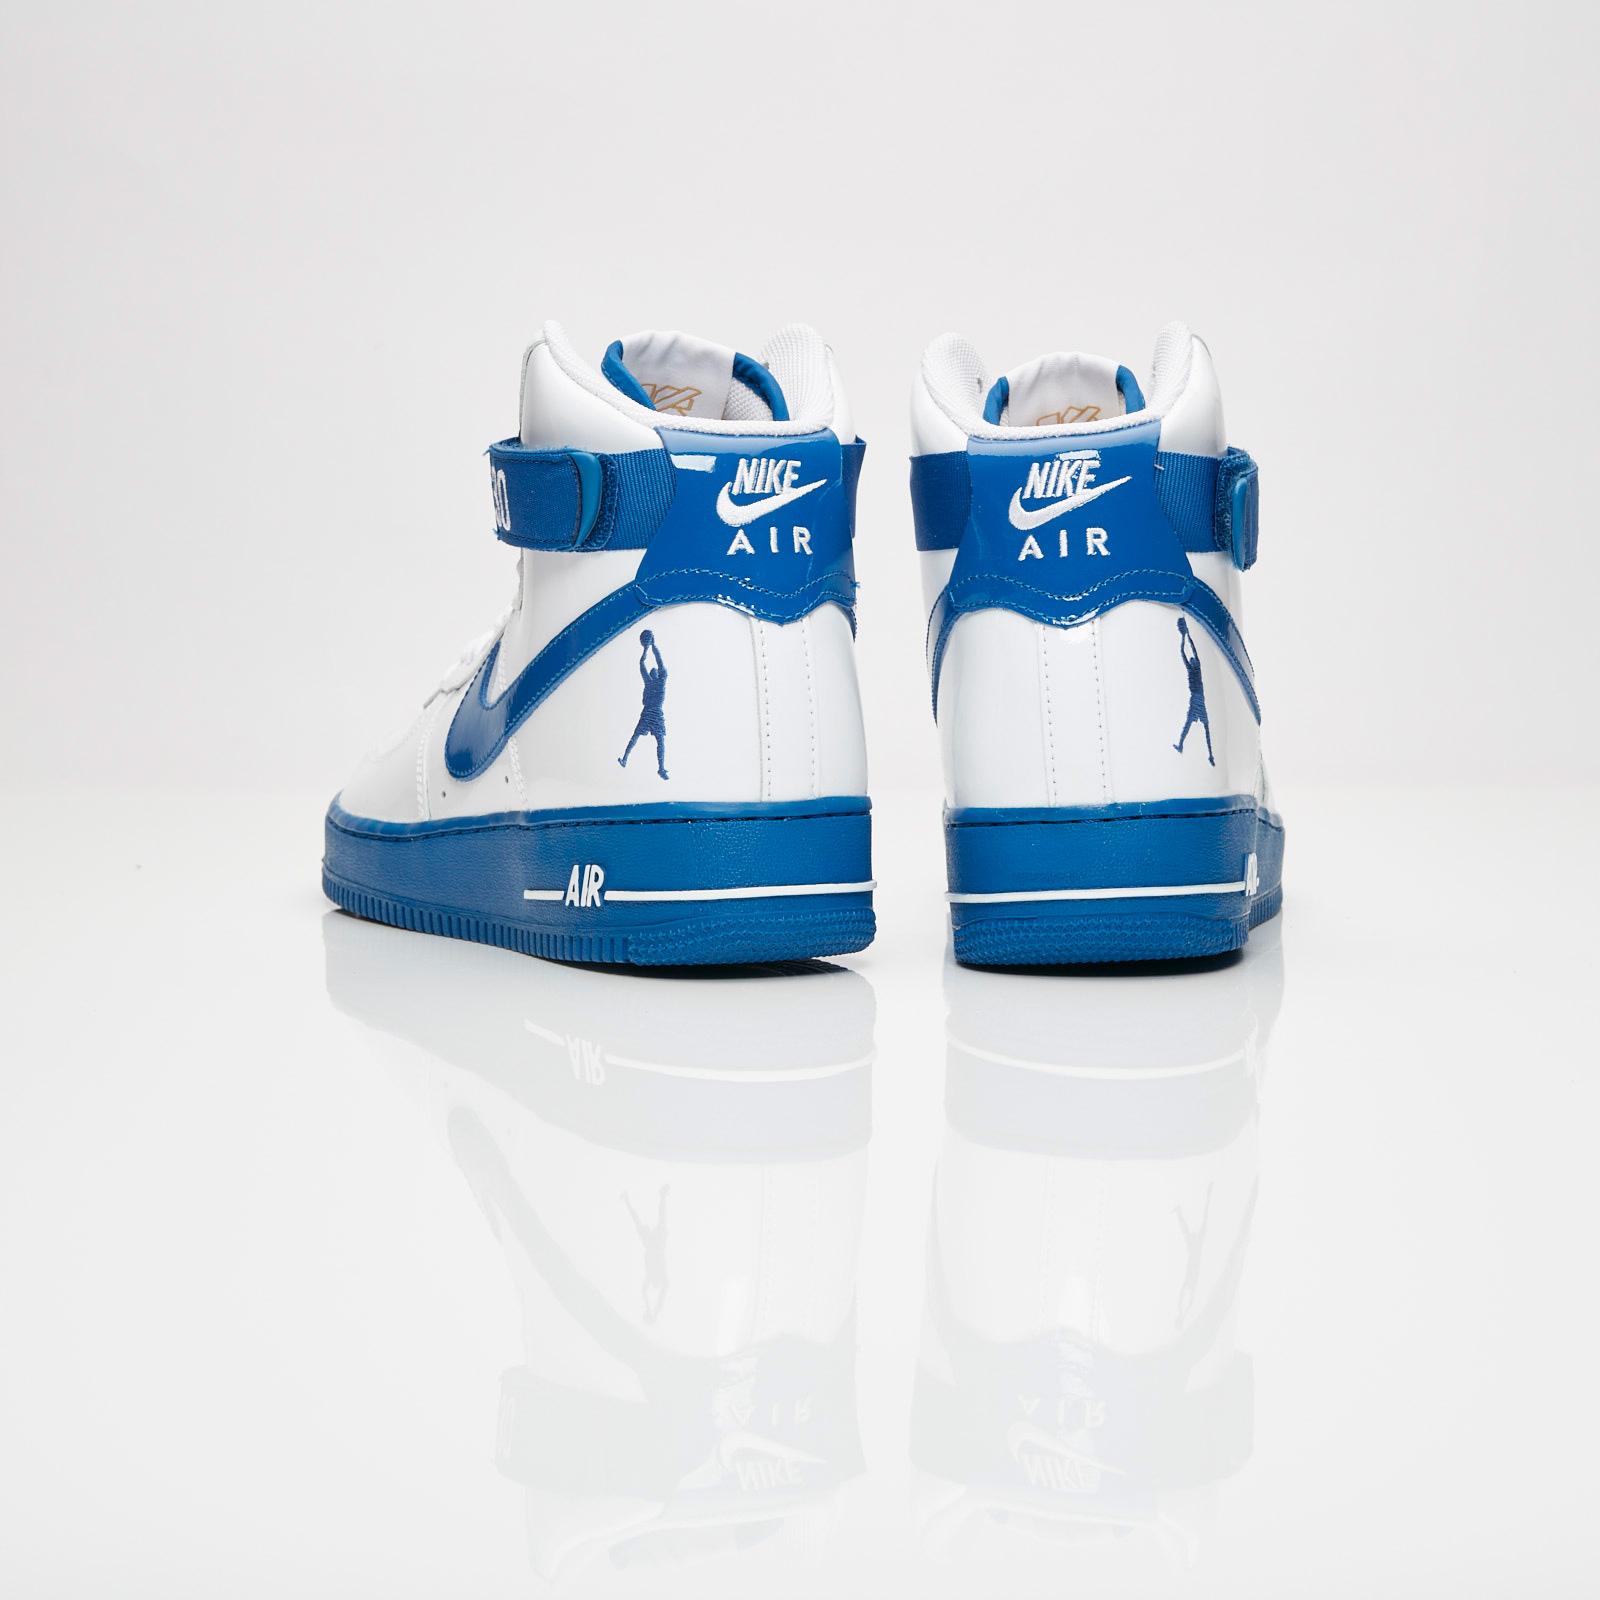 5bc426355462 Nike Air Force 1 High Retro CT16 QS - Aq4229-100 - Sneakersnstuff ...